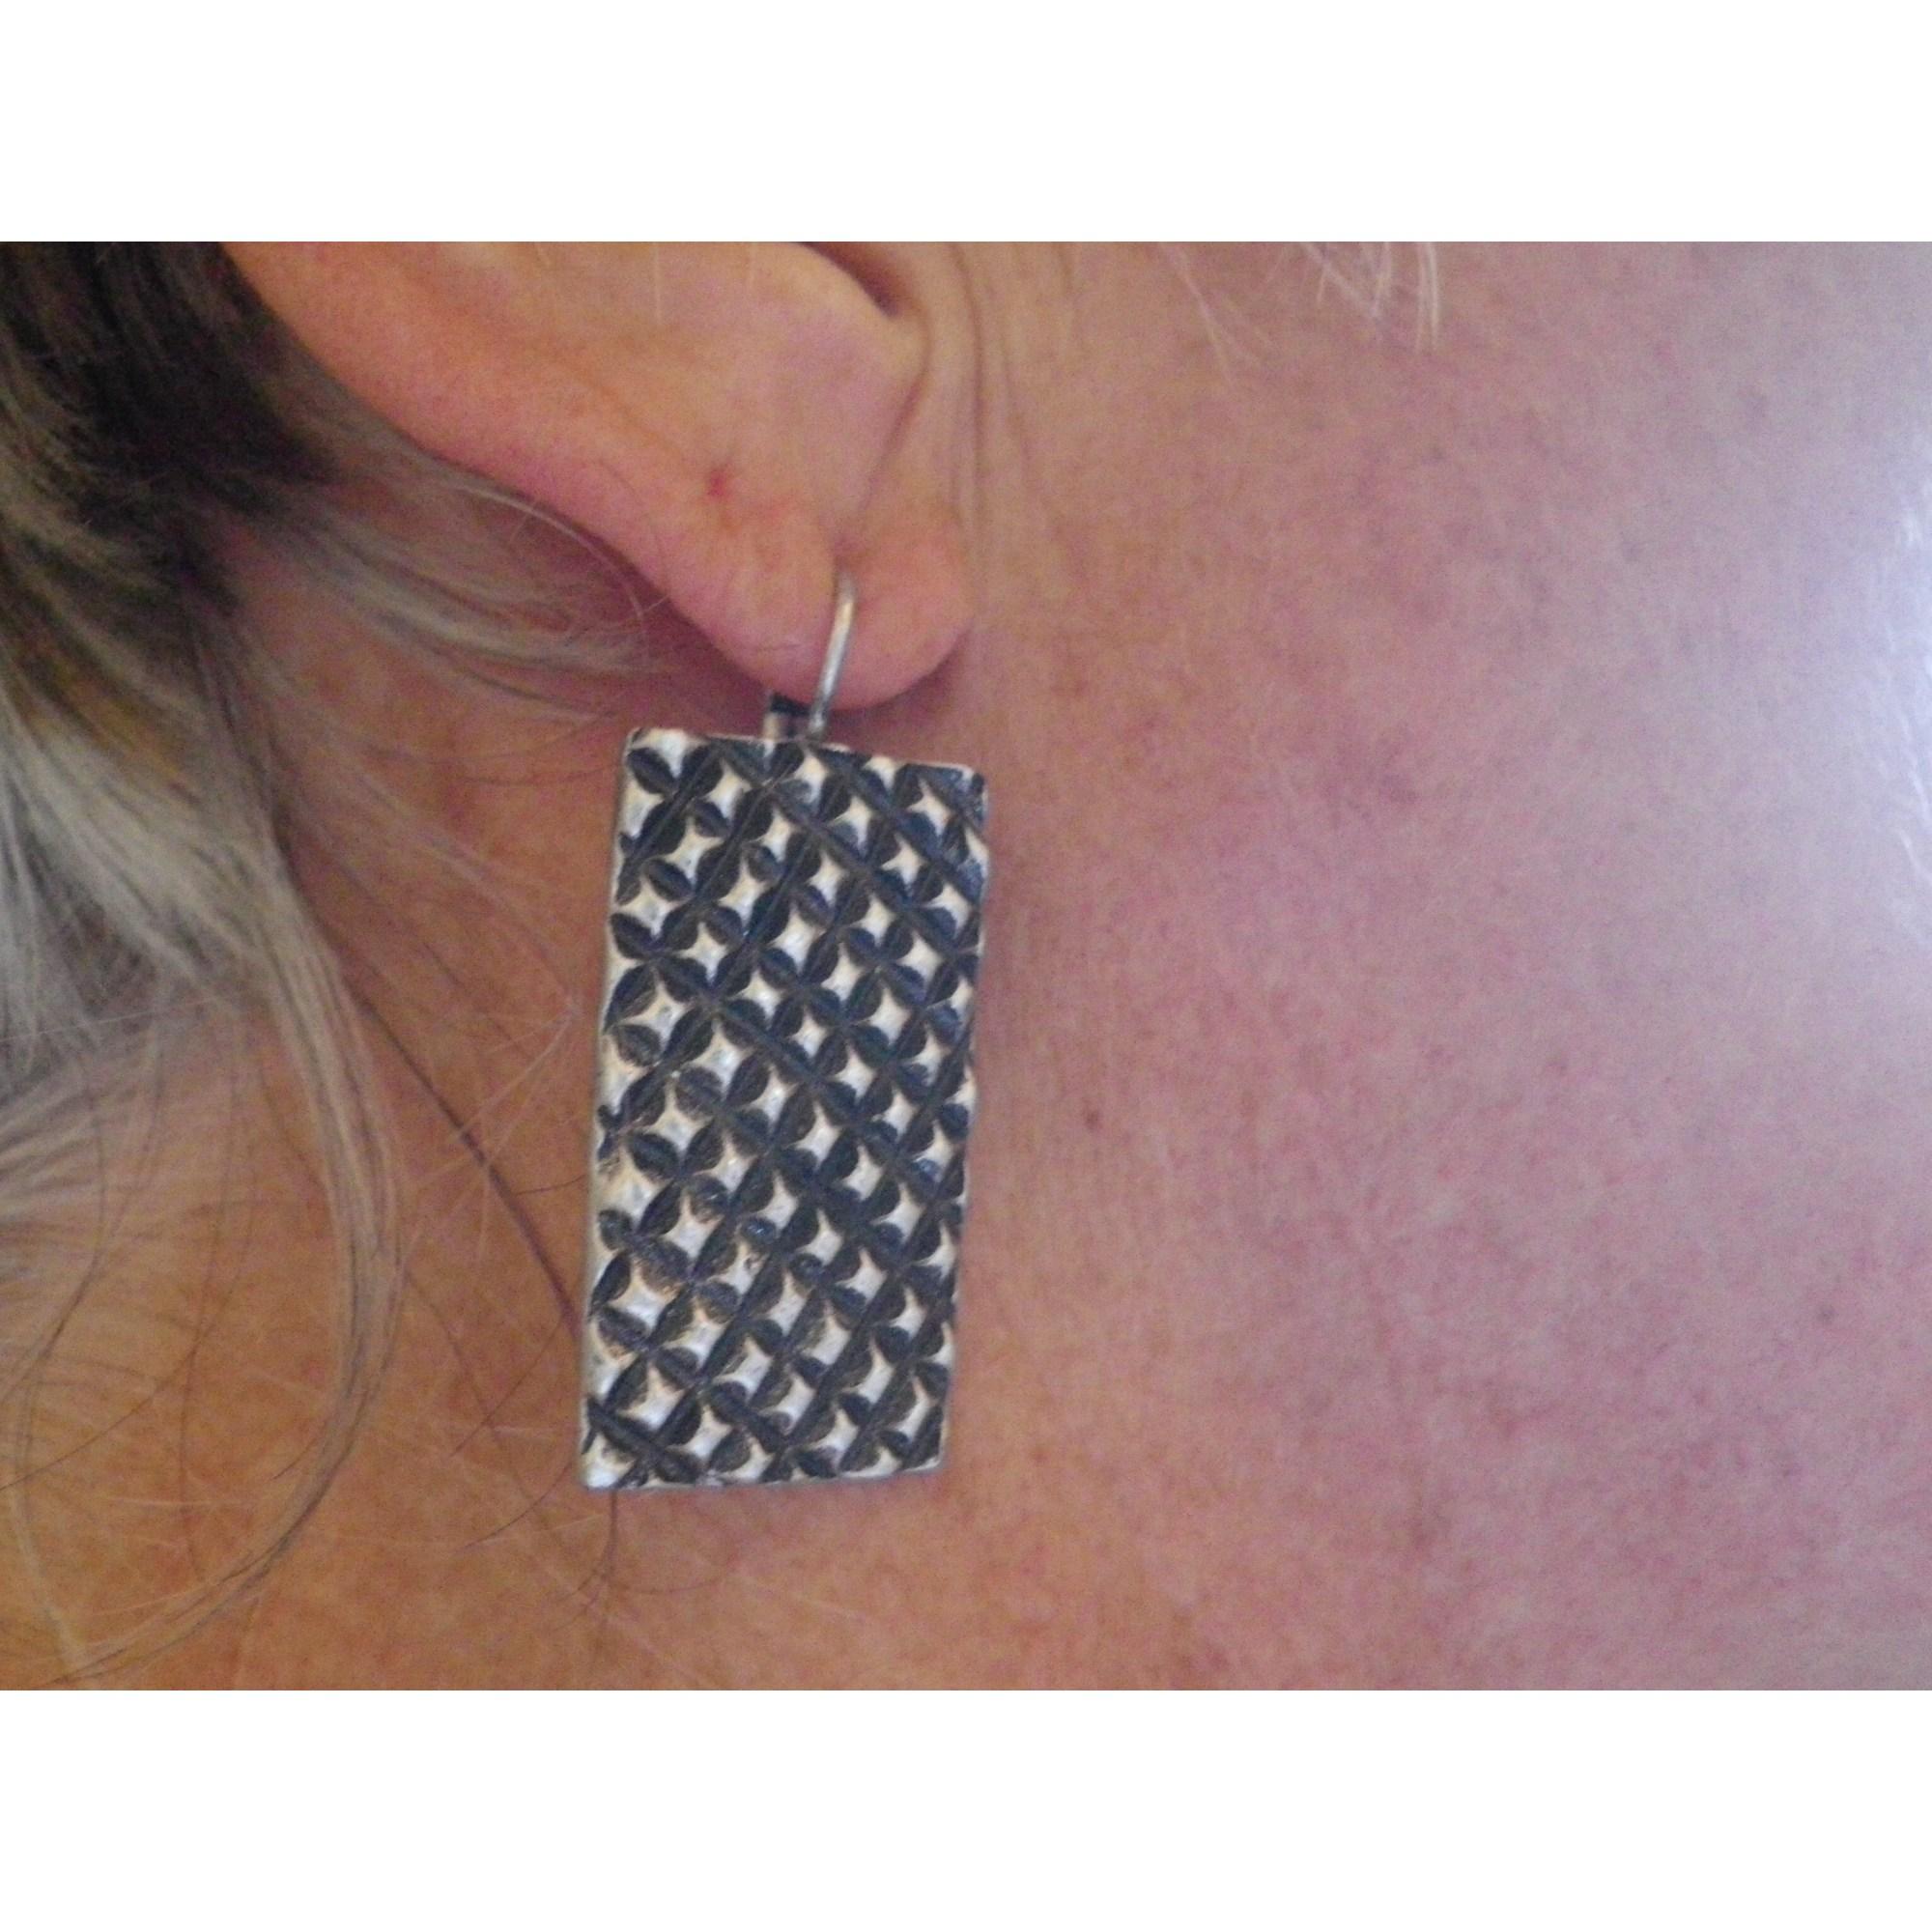 Boucles d'oreille LA TRIBU RIGAUX Argenté, acier